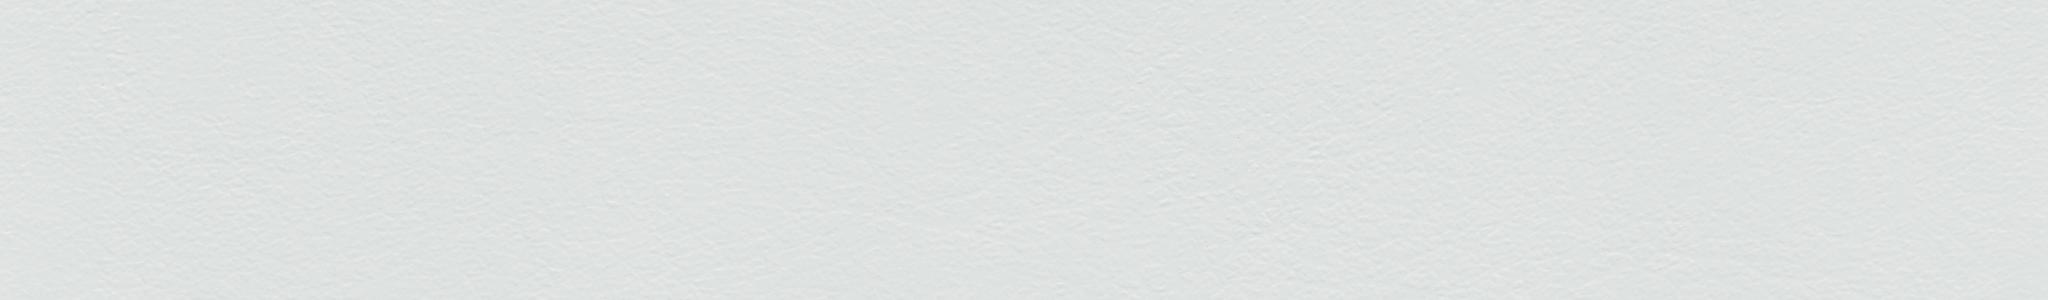 HU 572009 bordo laminato FALZ grigio perla